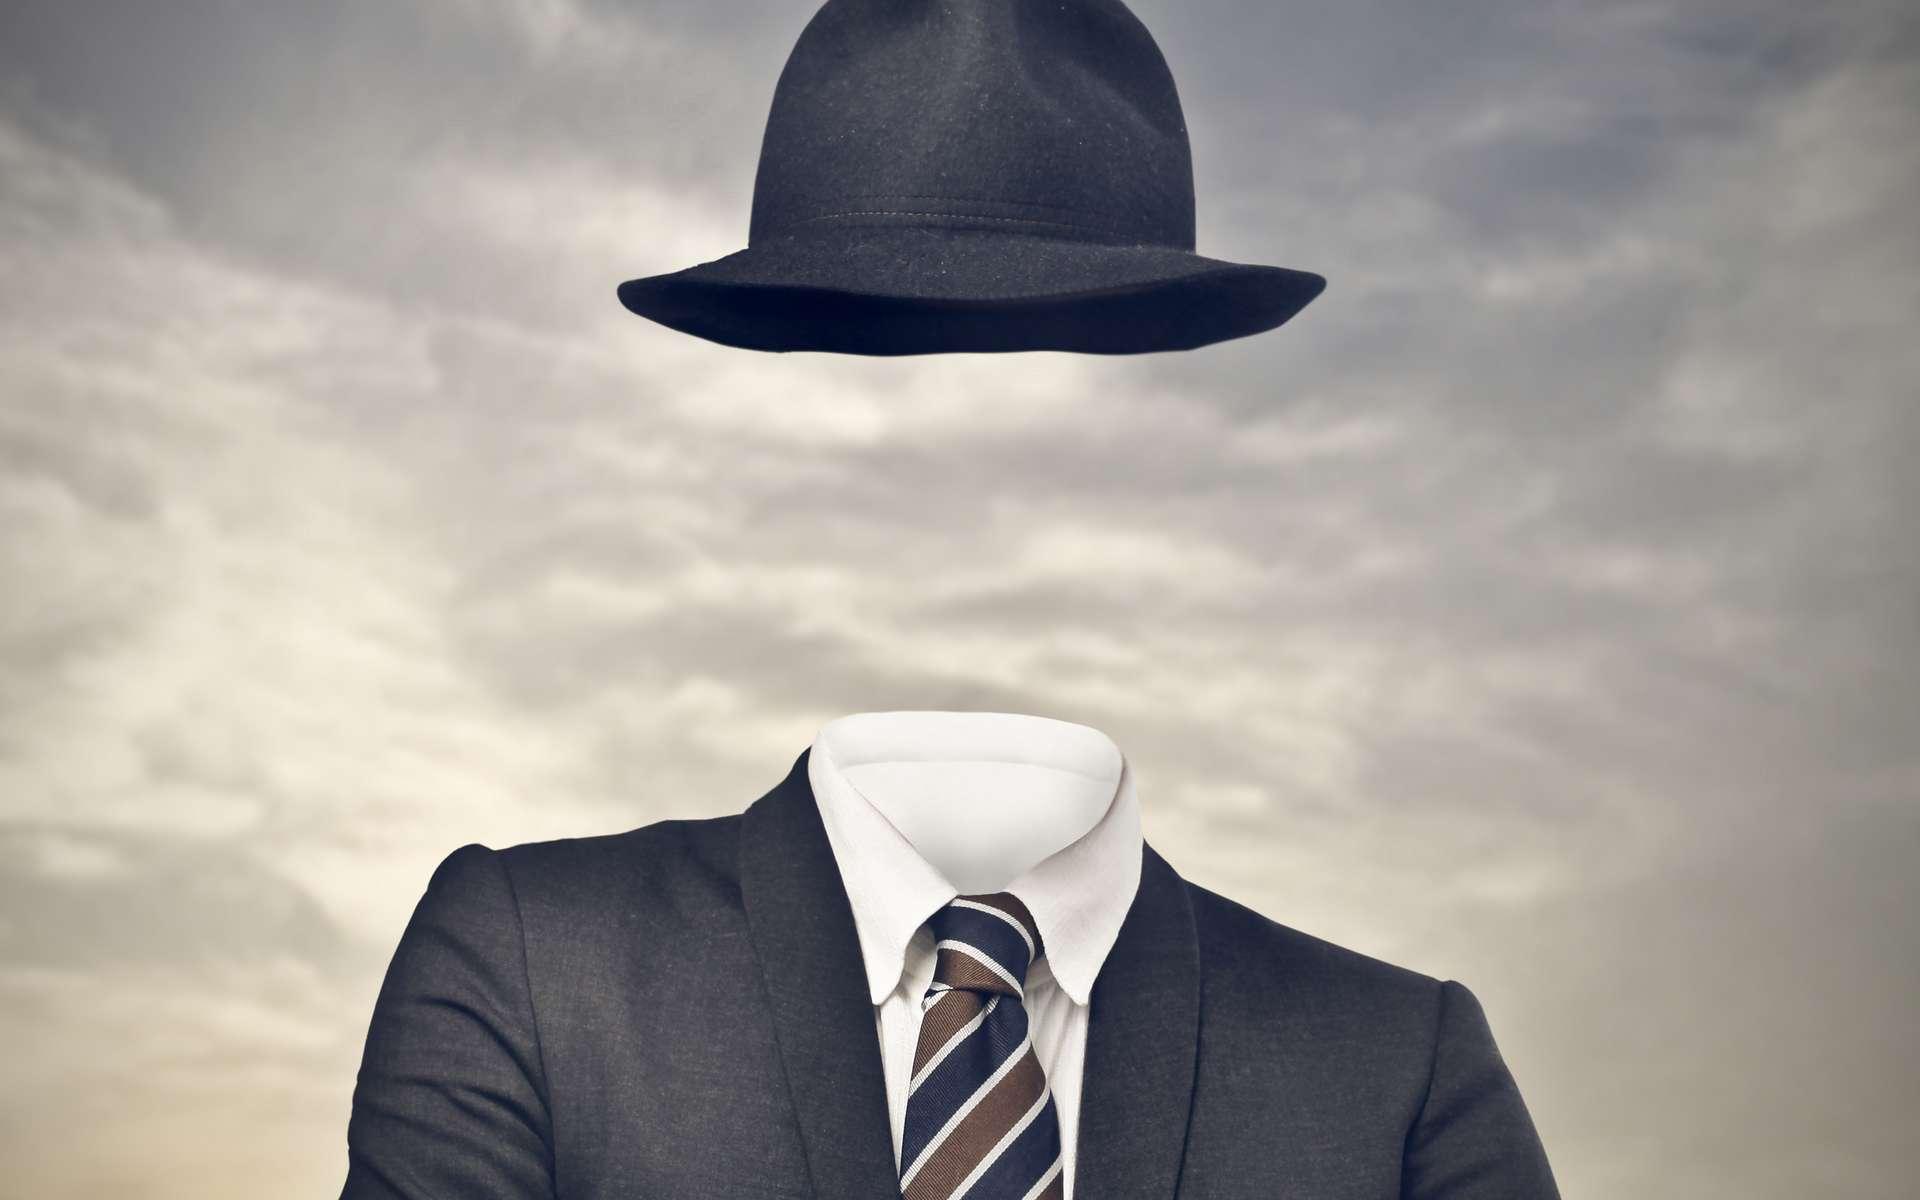 Griffin découvre une formule qui lui permet de devenir invisible. Il devra cacher son secret sous un chapeau, des bandages et des lunettes. © Olly, Fotolia